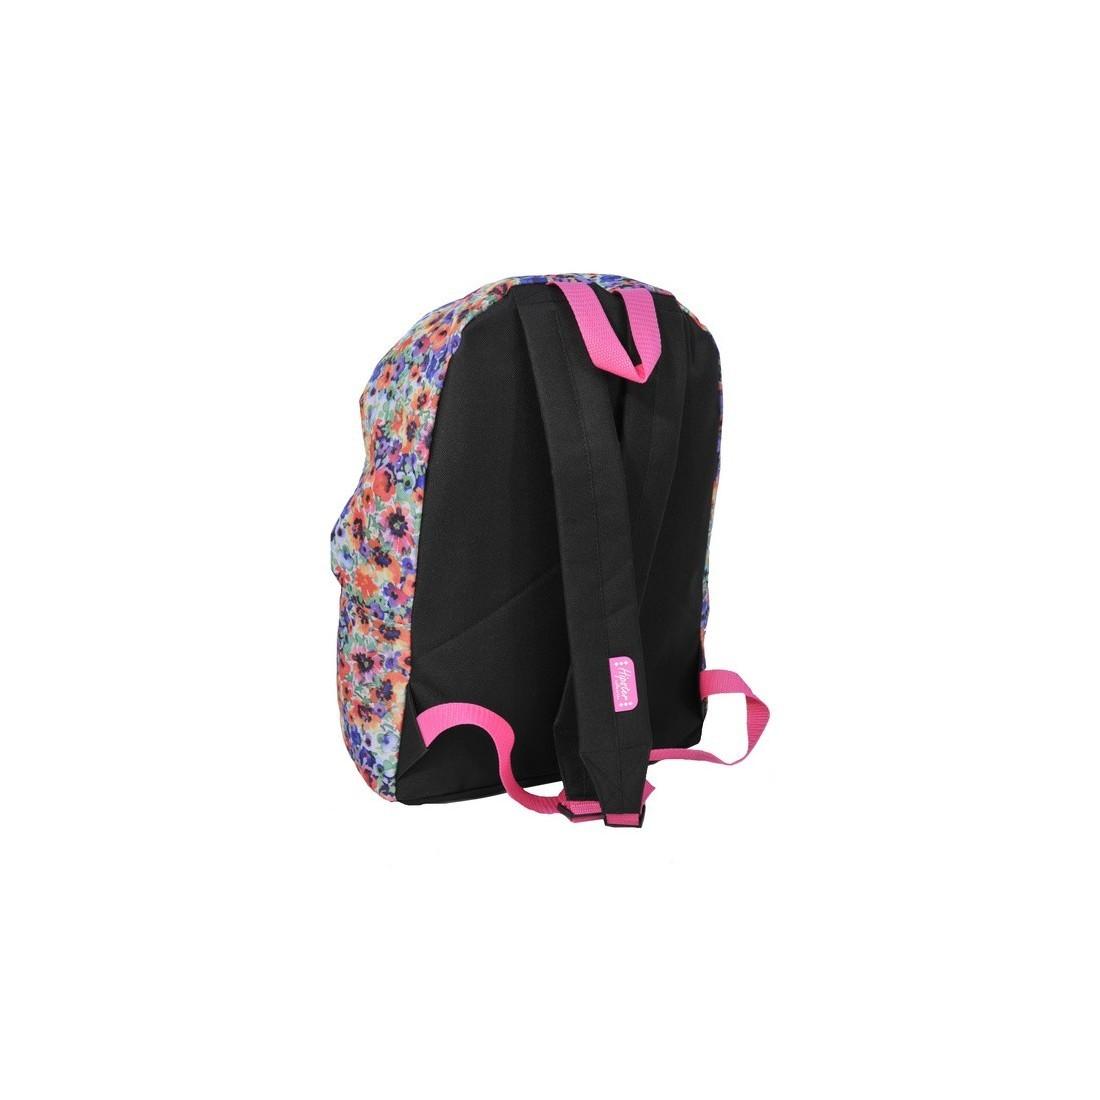 Plecak młodzieżowy w kolorowe kwiaty - plecak-tornister.pl